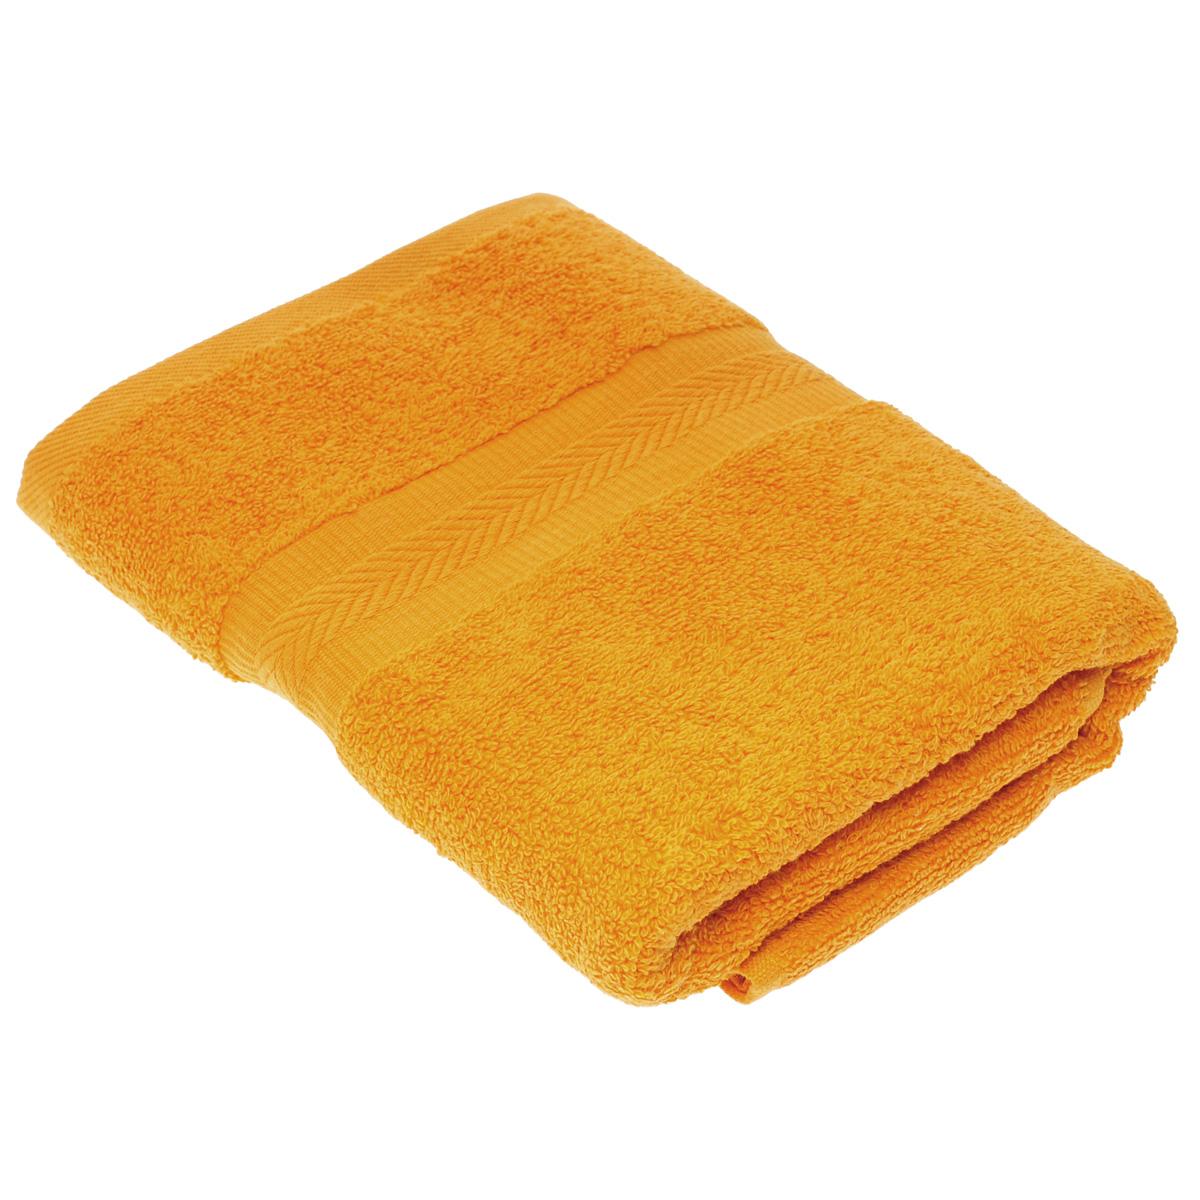 Полотенце махровое Coronet Классик, цвет: желтый, 70 см х 140 смБ-МП-1020-02-05Махровое полотенце Coronet Классик, изготовленное из натурального хлопка, подарит массу положительных эмоций и приятных ощущений. Полотенце отличается нежностью и мягкостью материала, утонченным дизайном и превосходным качеством. Оно прекрасно впитывает влагу, быстро сохнет и не теряет своих свойств после многократных стирок. Махровое полотенце Coronet Классик станет достойным выбором для вас и приятным подарком для ваших близких. Мягкость и высокое качество материала, из которого изготовлены полотенца не оставит вас равнодушными.